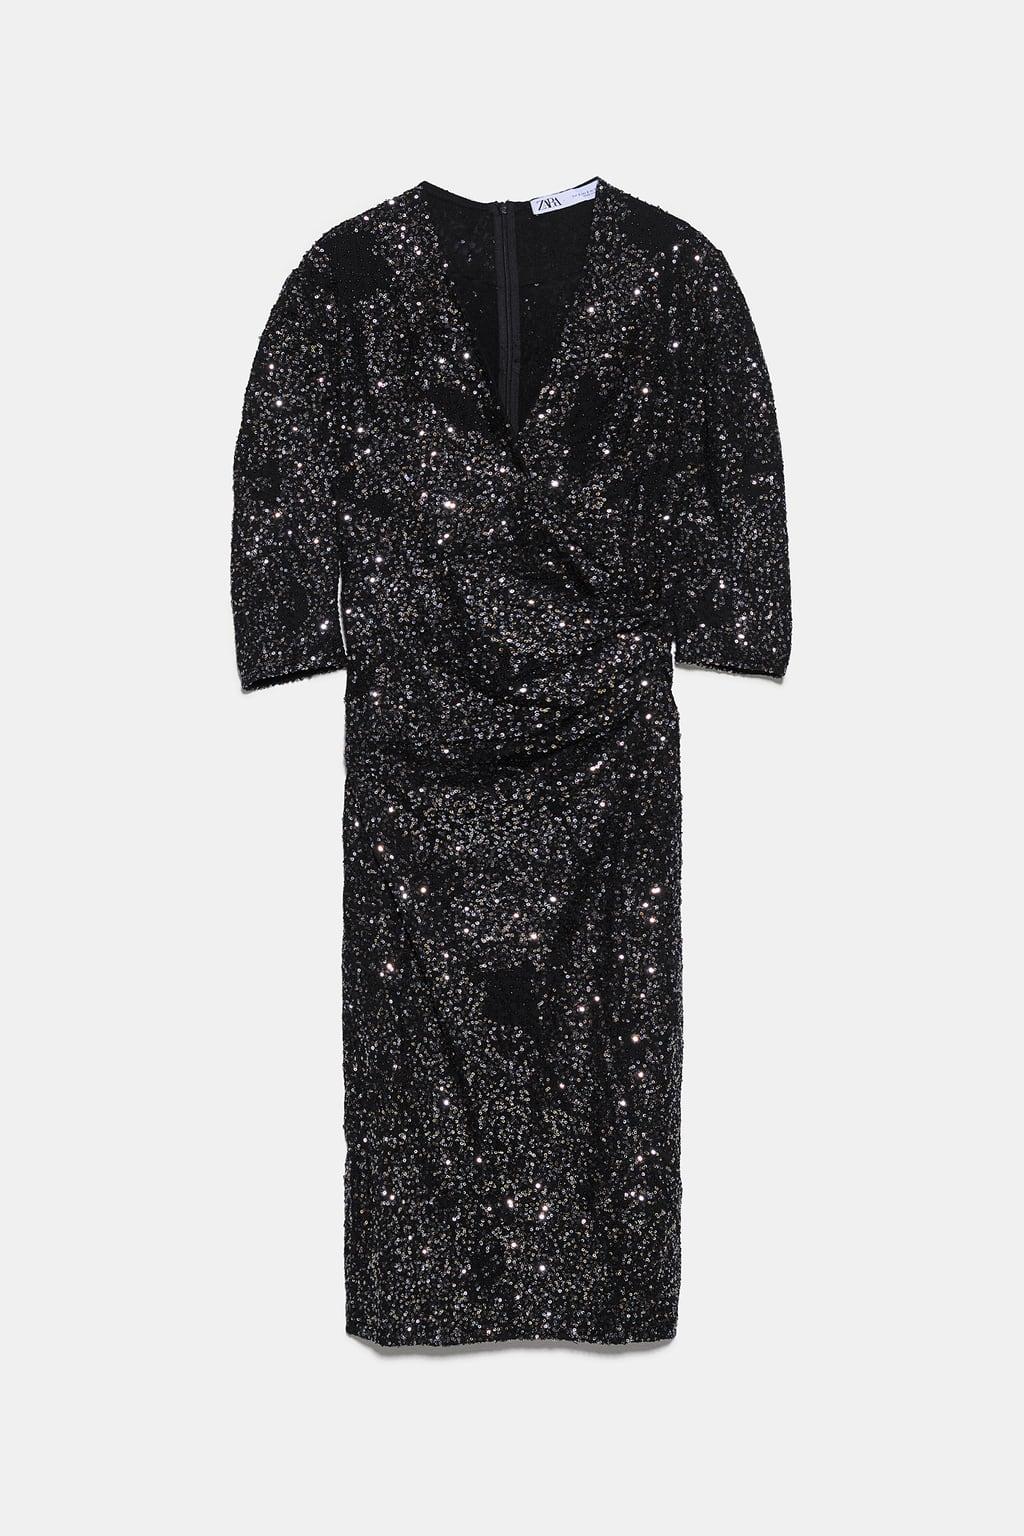 đầm kim sa xếp ly zara - quà tặng giáng sinh 2019